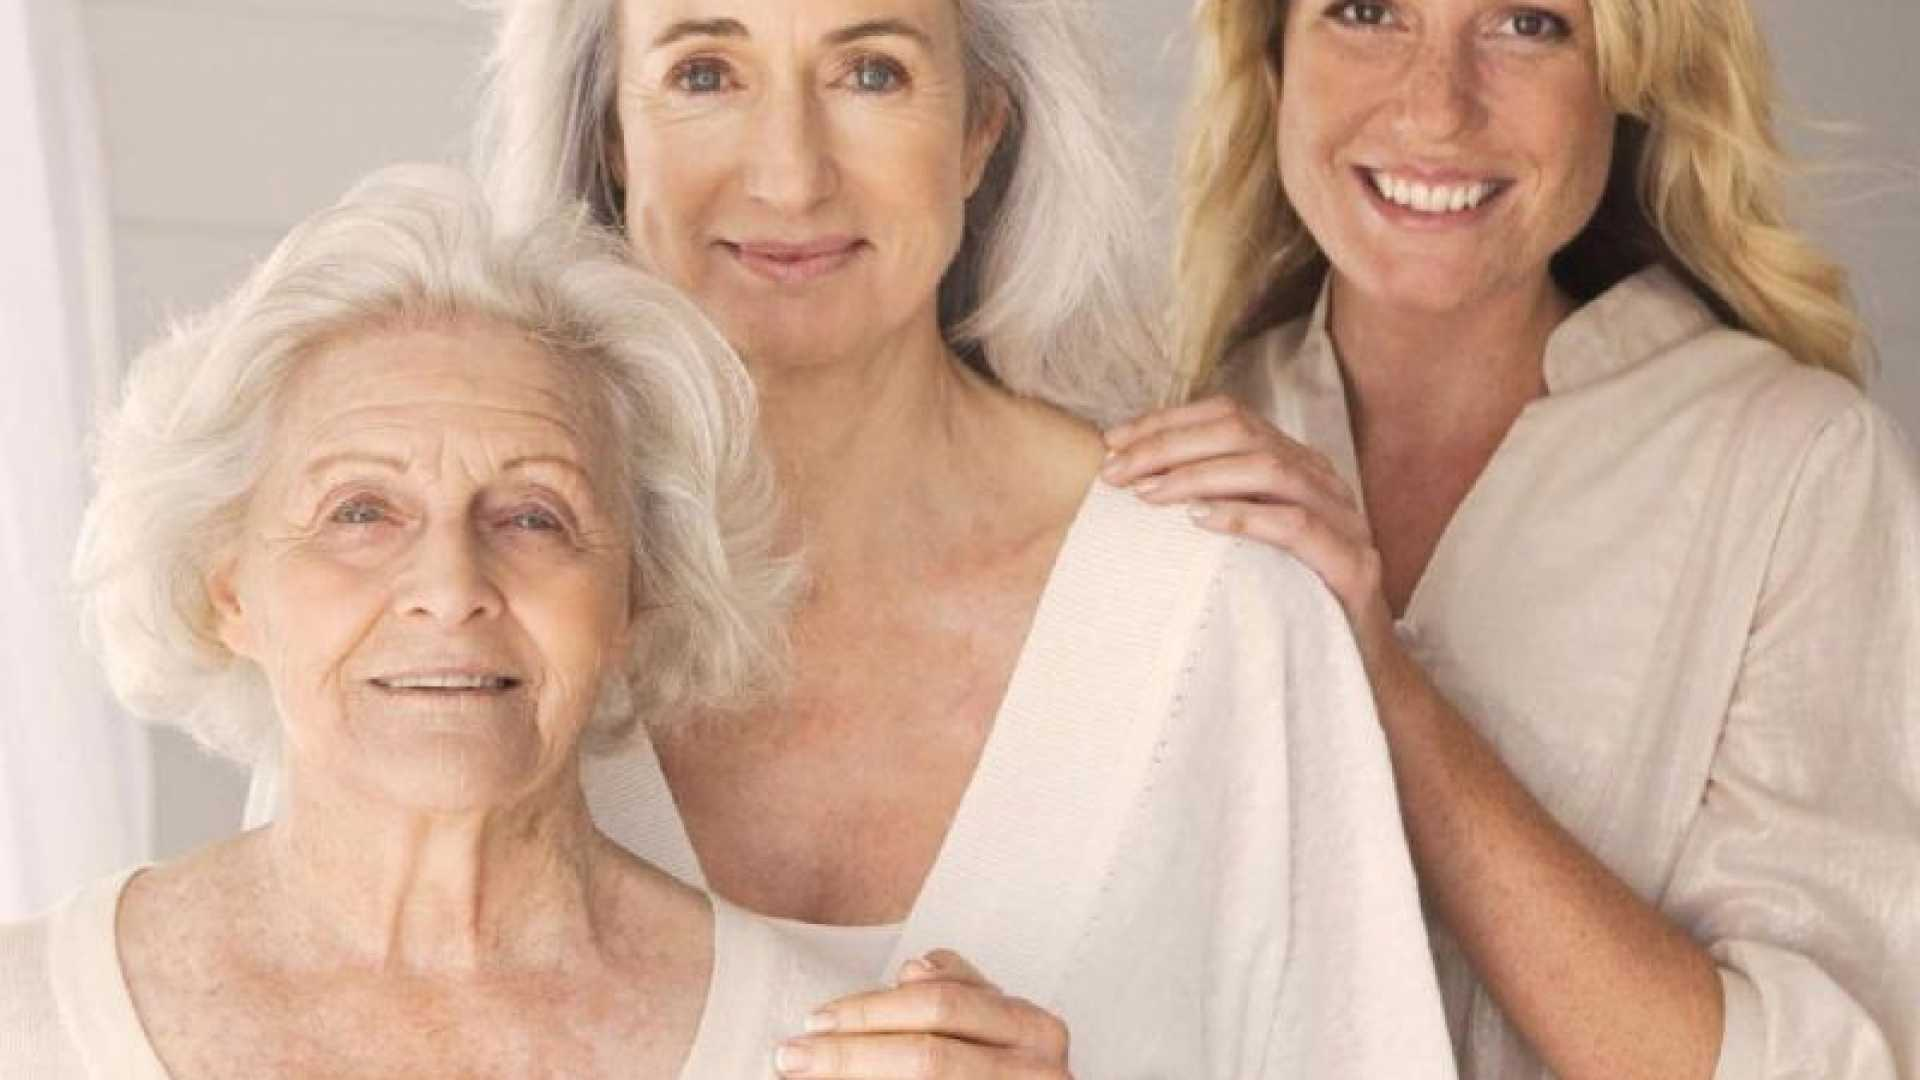 A kollagén segít a szépség megőrzésében  <br>Három nemzedék szépségét, egészségét biztosíthatja a kollagén